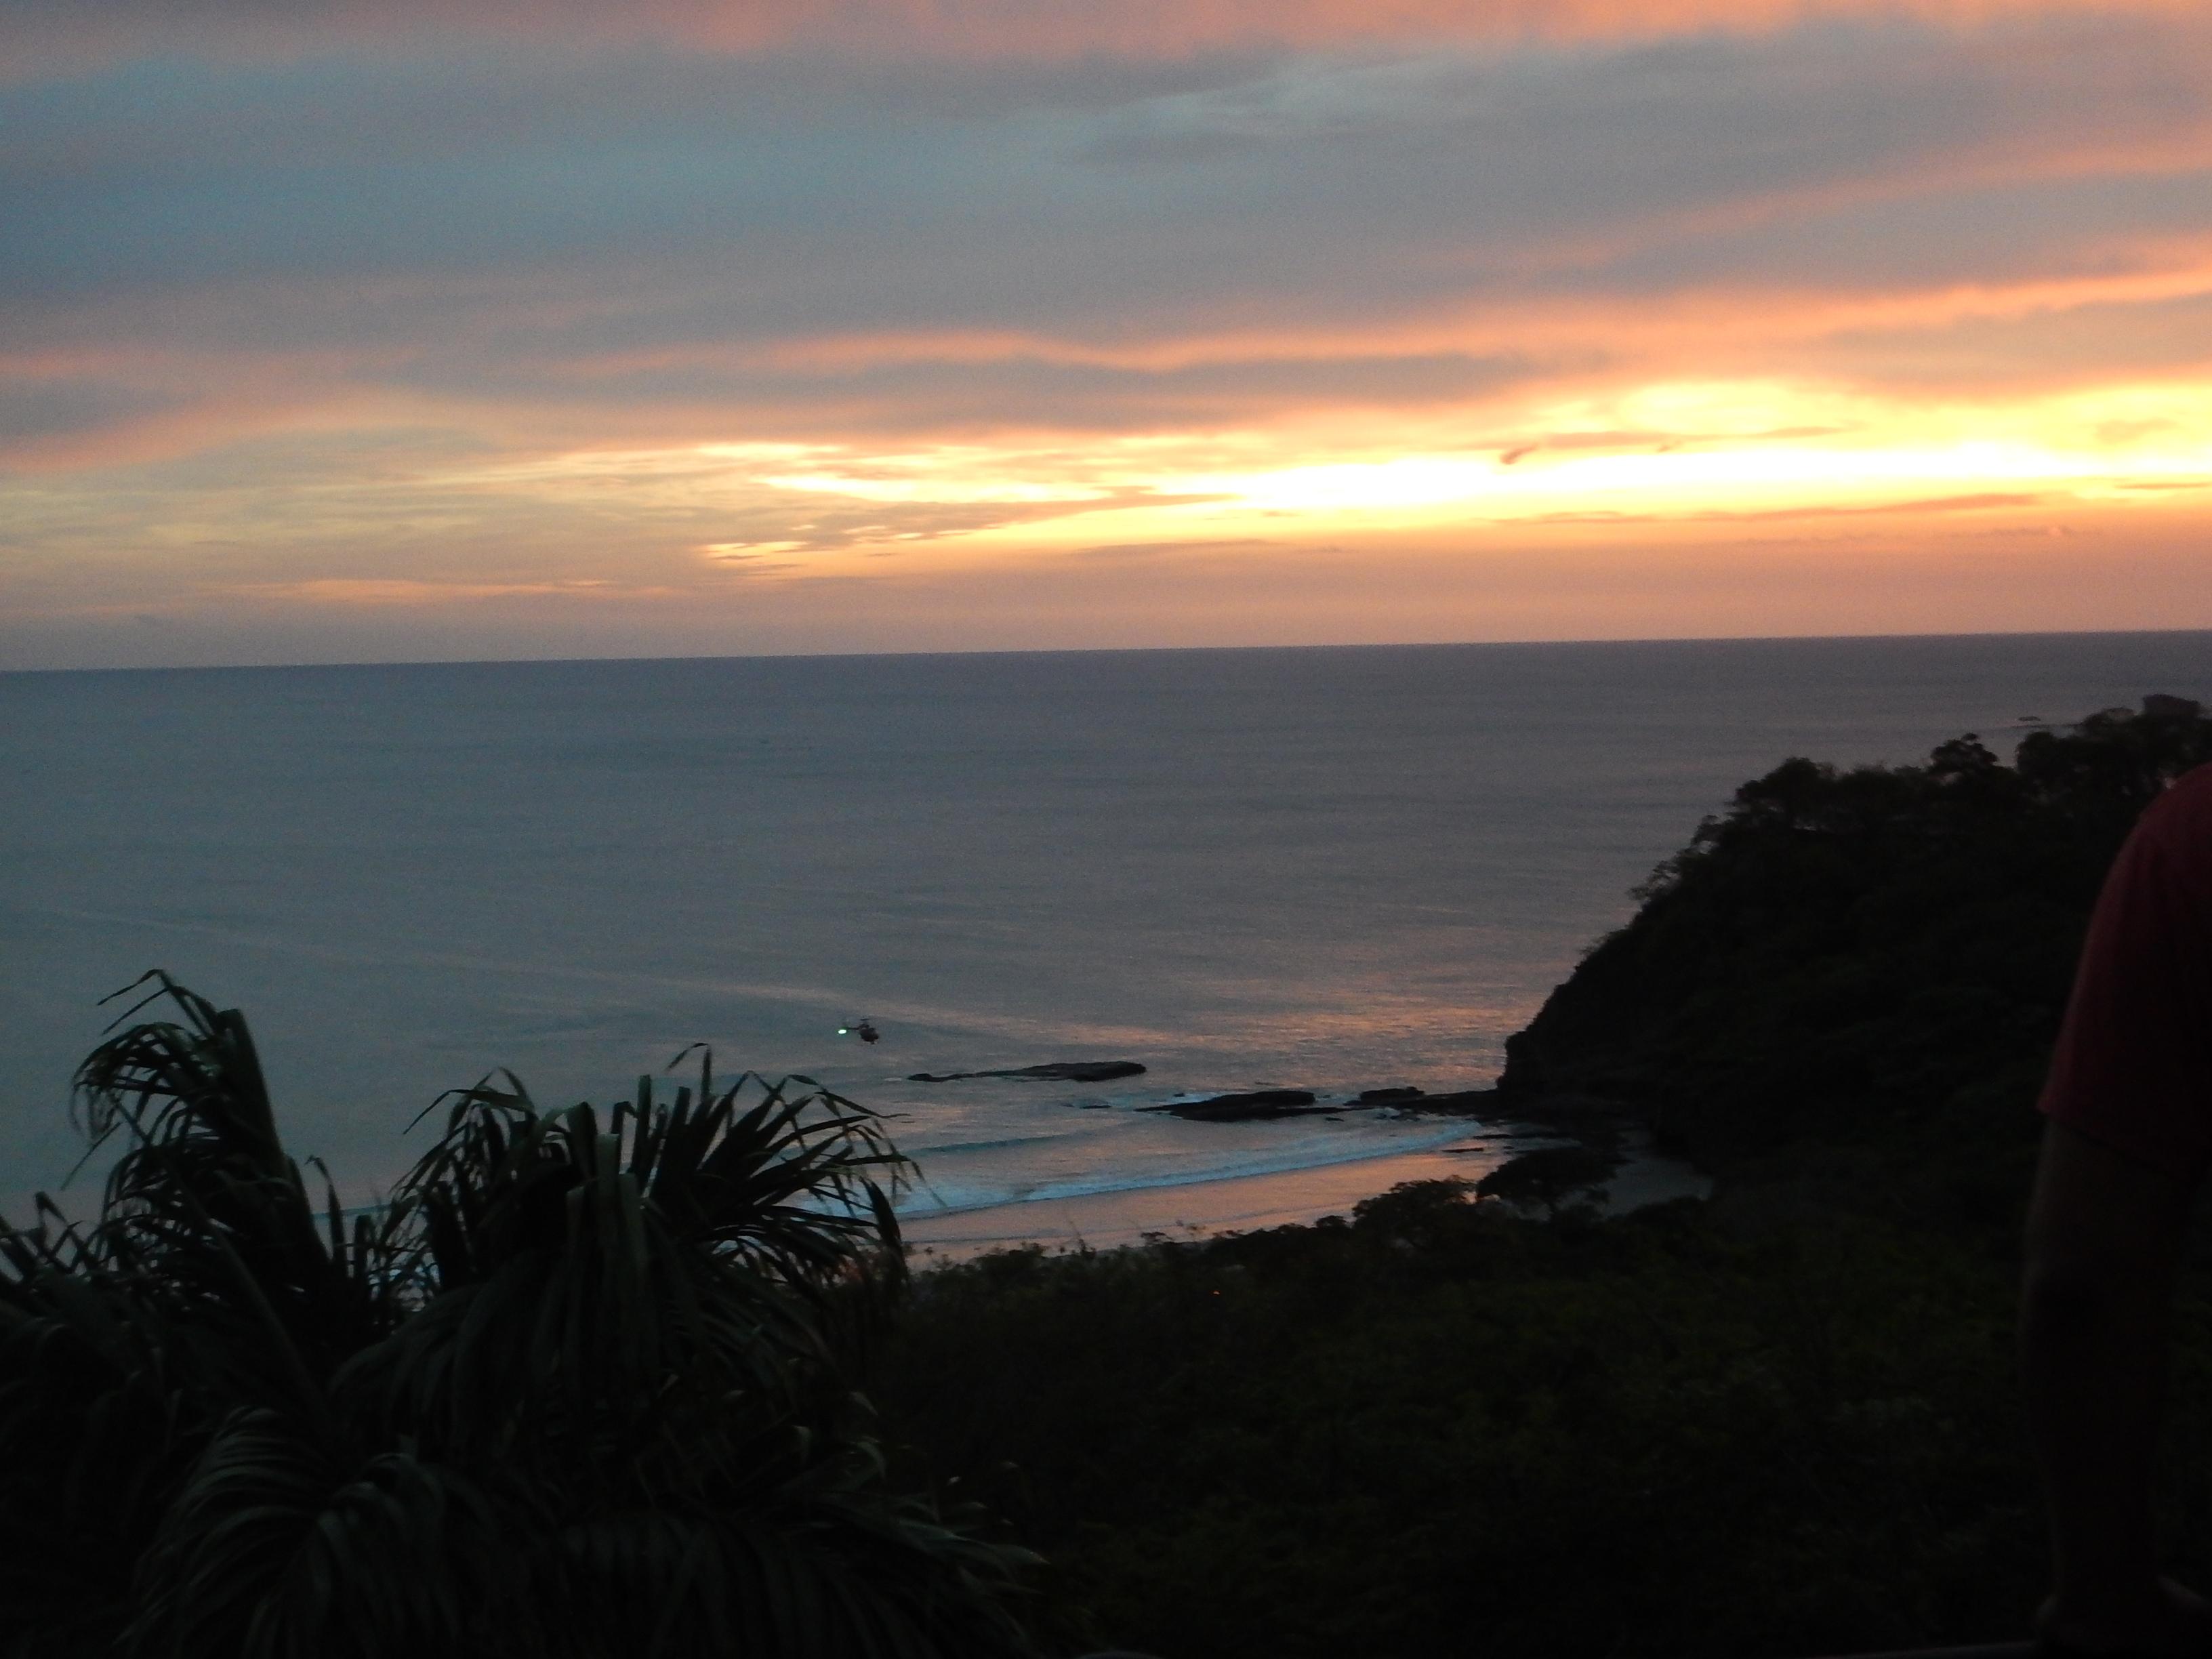 A seriously amazing sunset